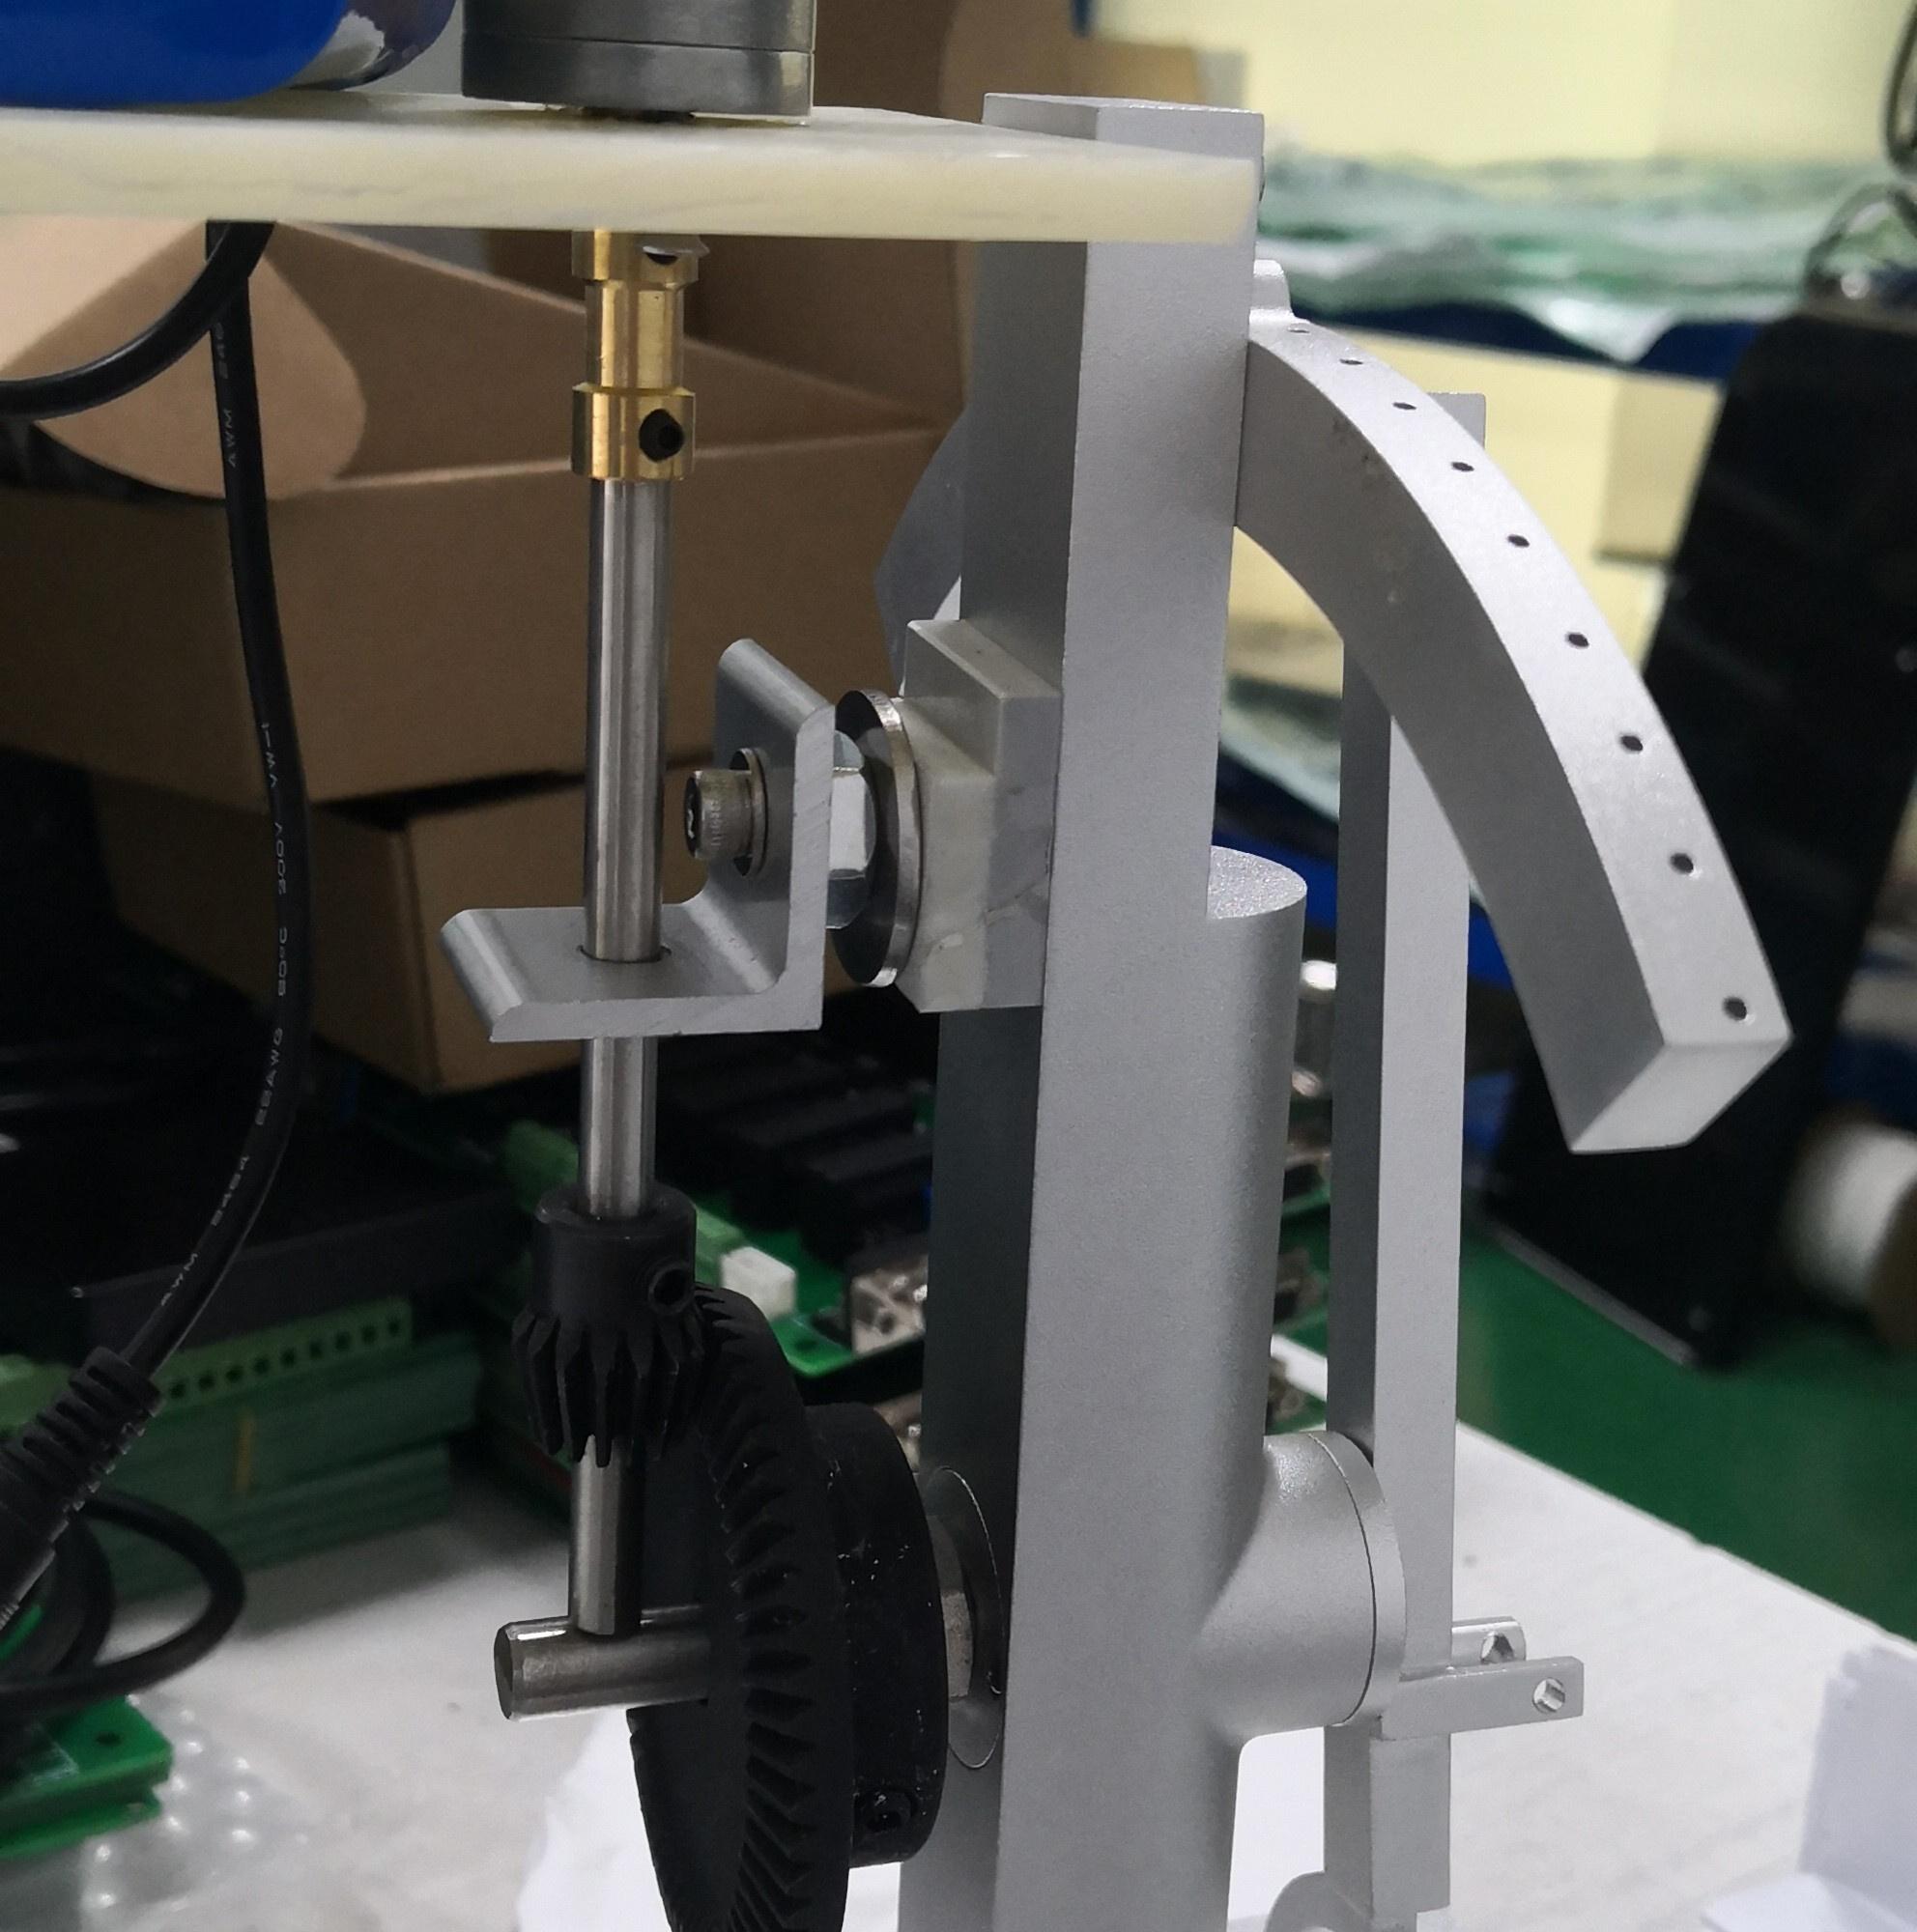 电机控制齿轮转动时,控制过程中总是会逐渐偏向